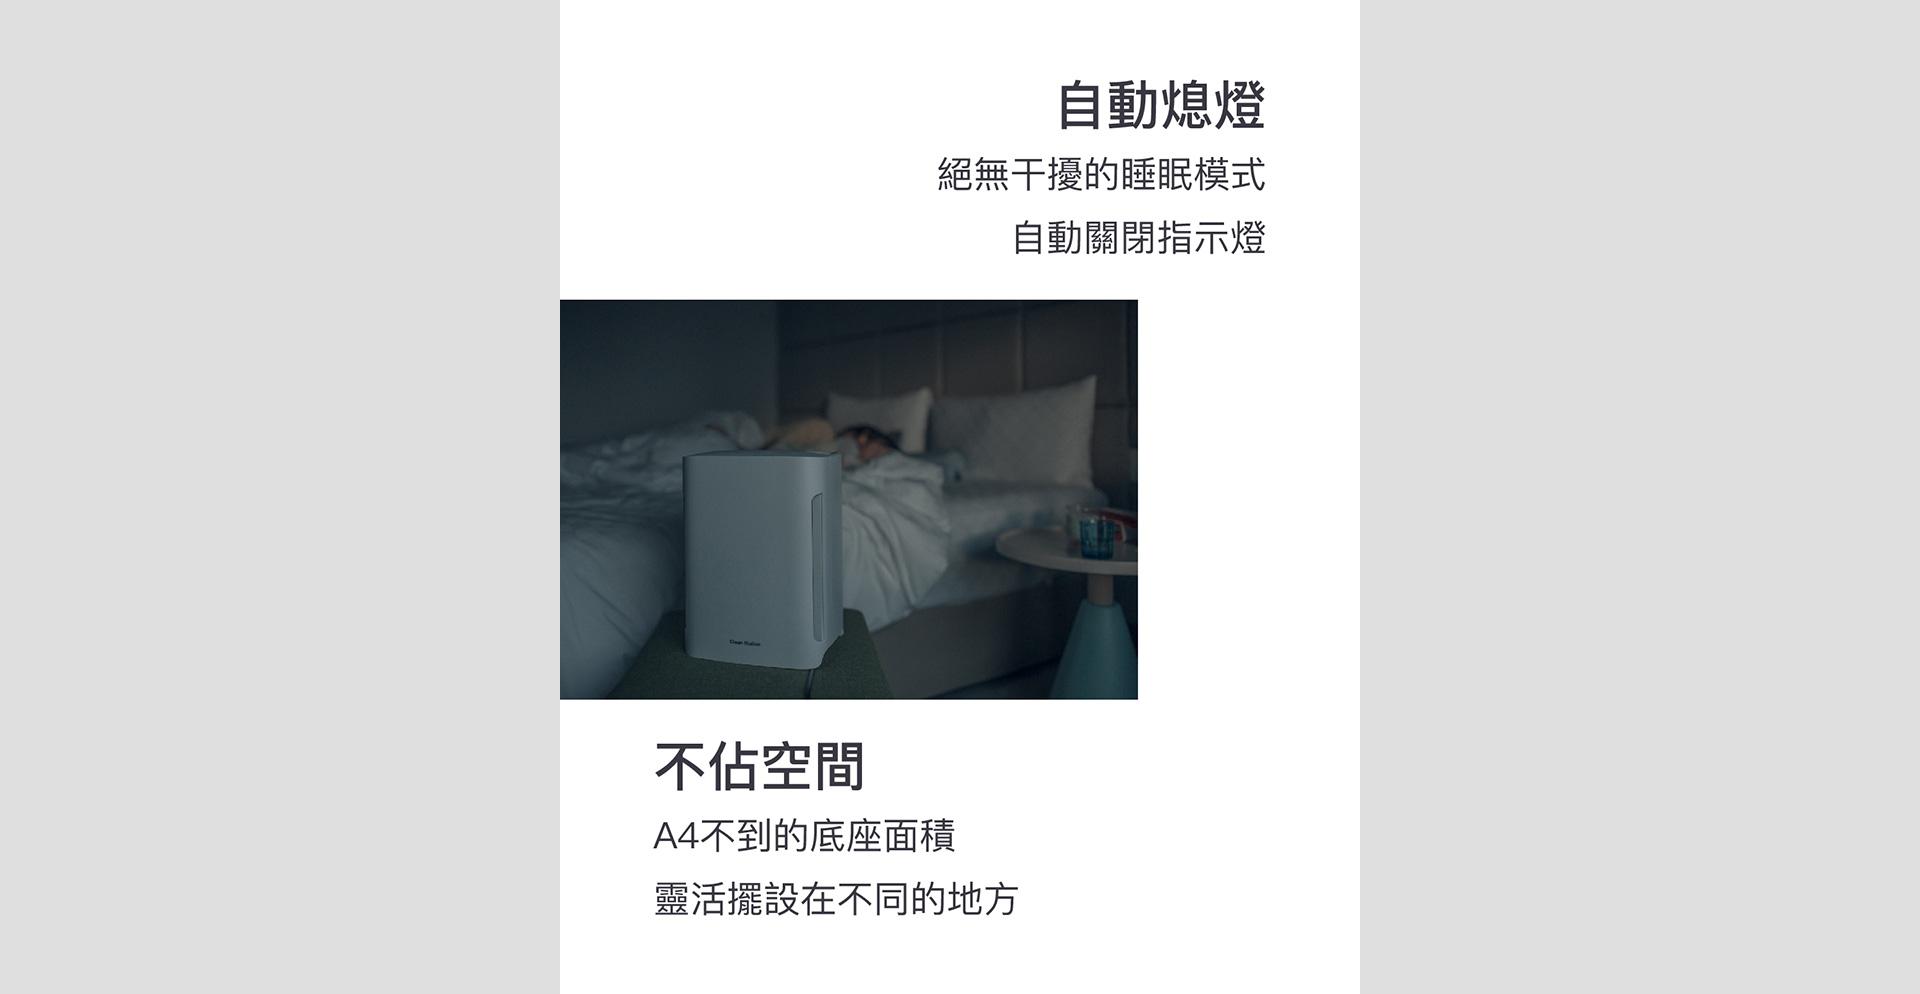 f101_14周年慶-Mobile版_20191104_V4_pc_11